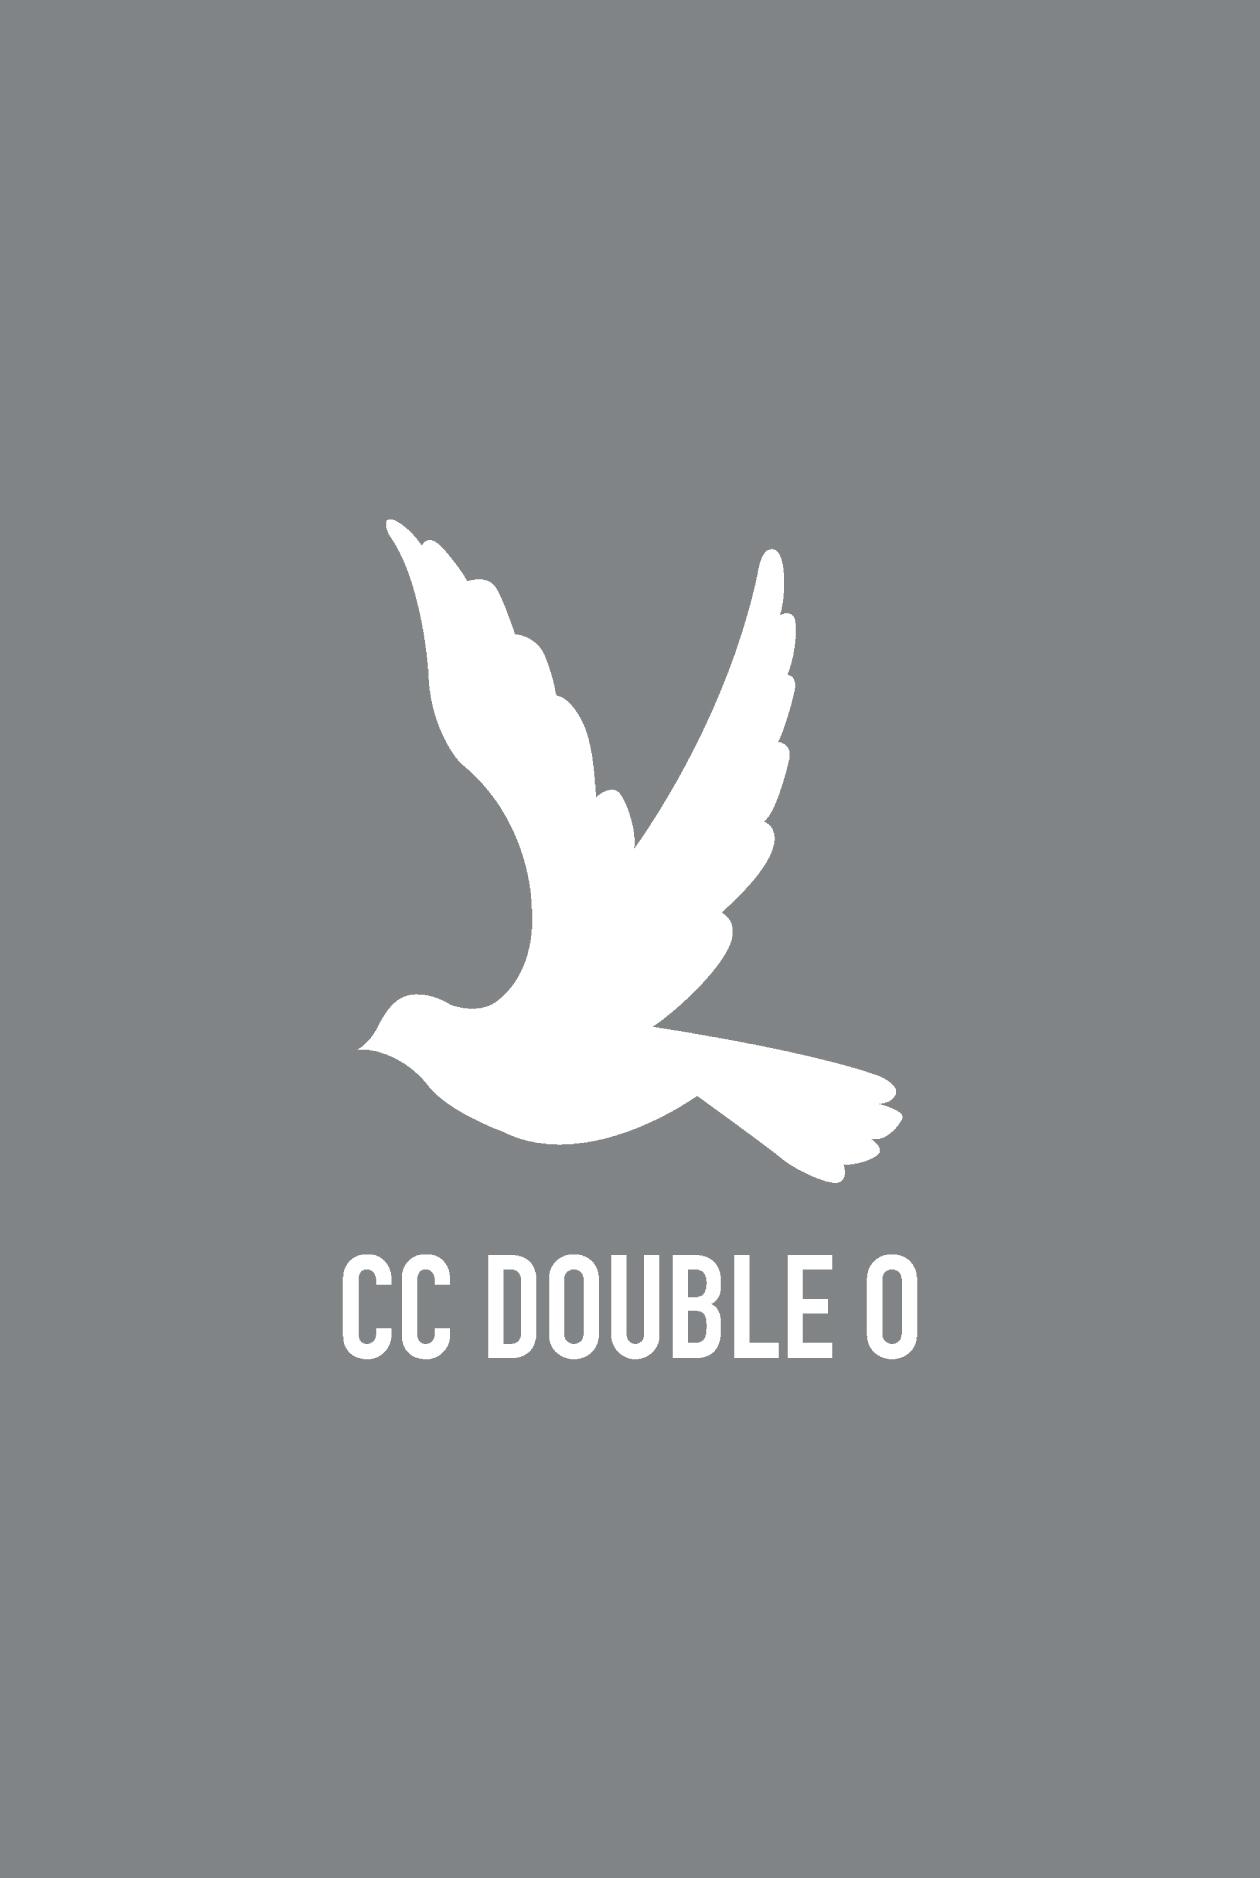 Sleeveless Tee with Bird Logo